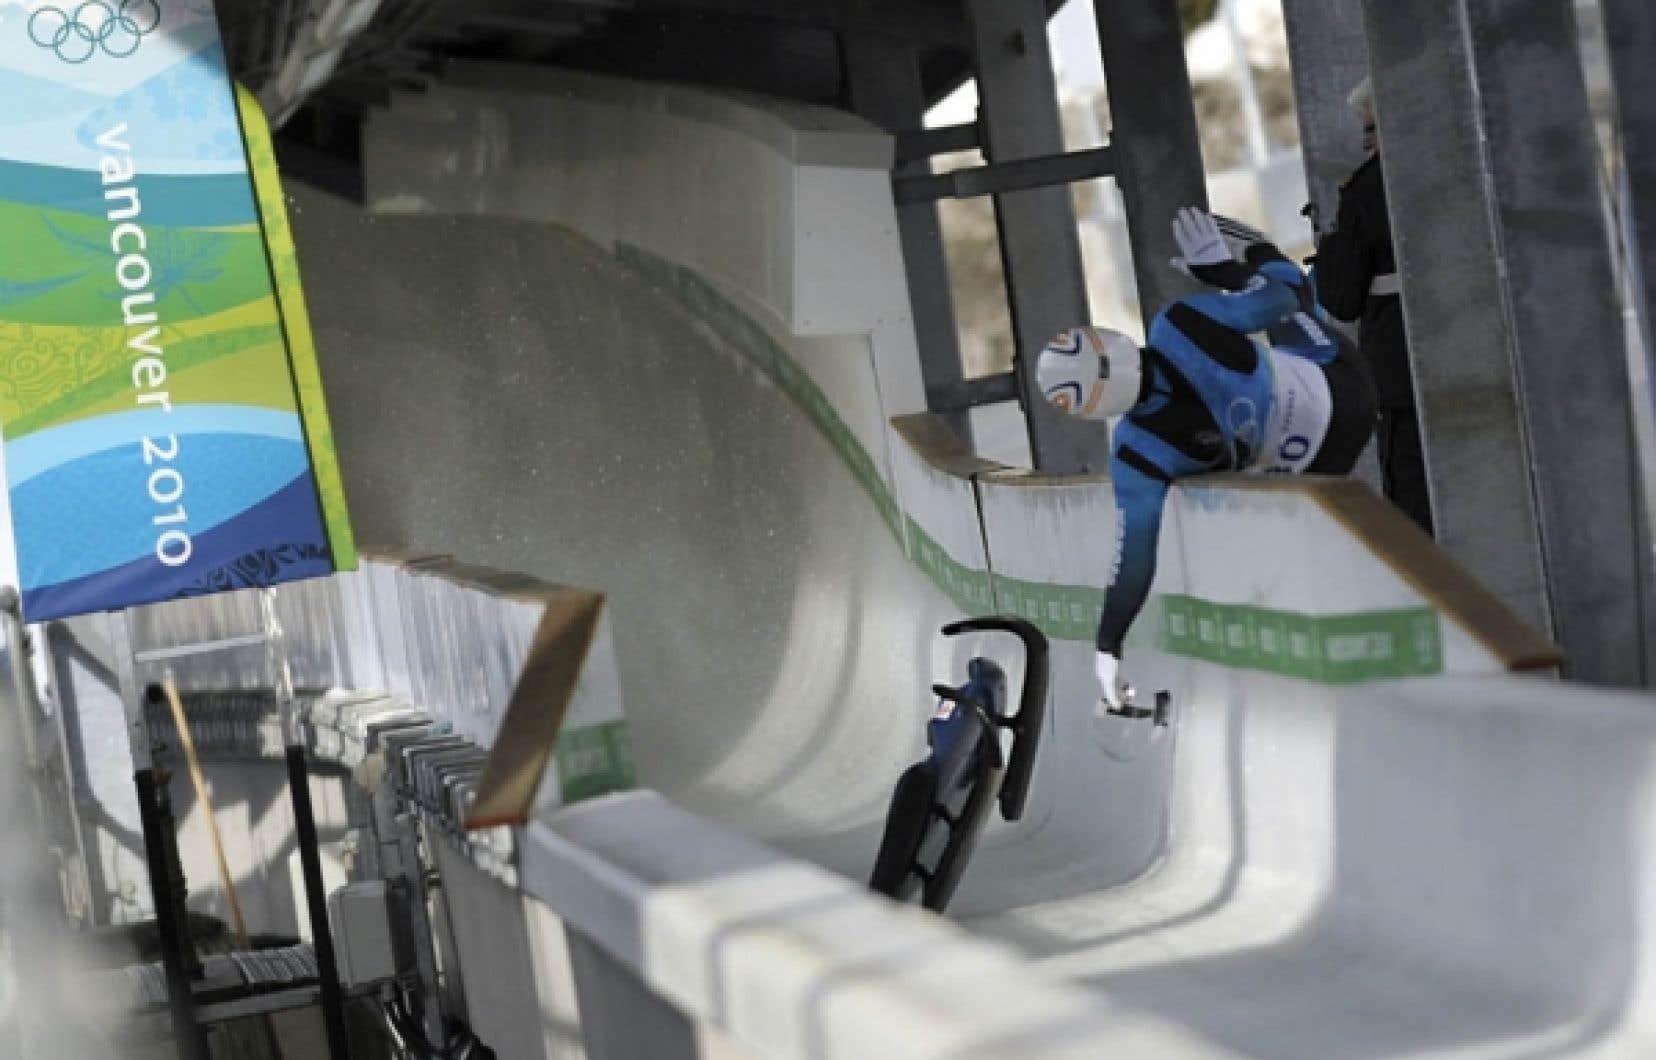 Kumaritashvili s'est tué lors de la seconde session d'entraînement sur la piste olympique de Whistler. Il approchait le dernier virage, où la vitesse peut frôler les 140 km/h, lorsqu'il a été éjecté de la piste et a heurté un poteau métallique.